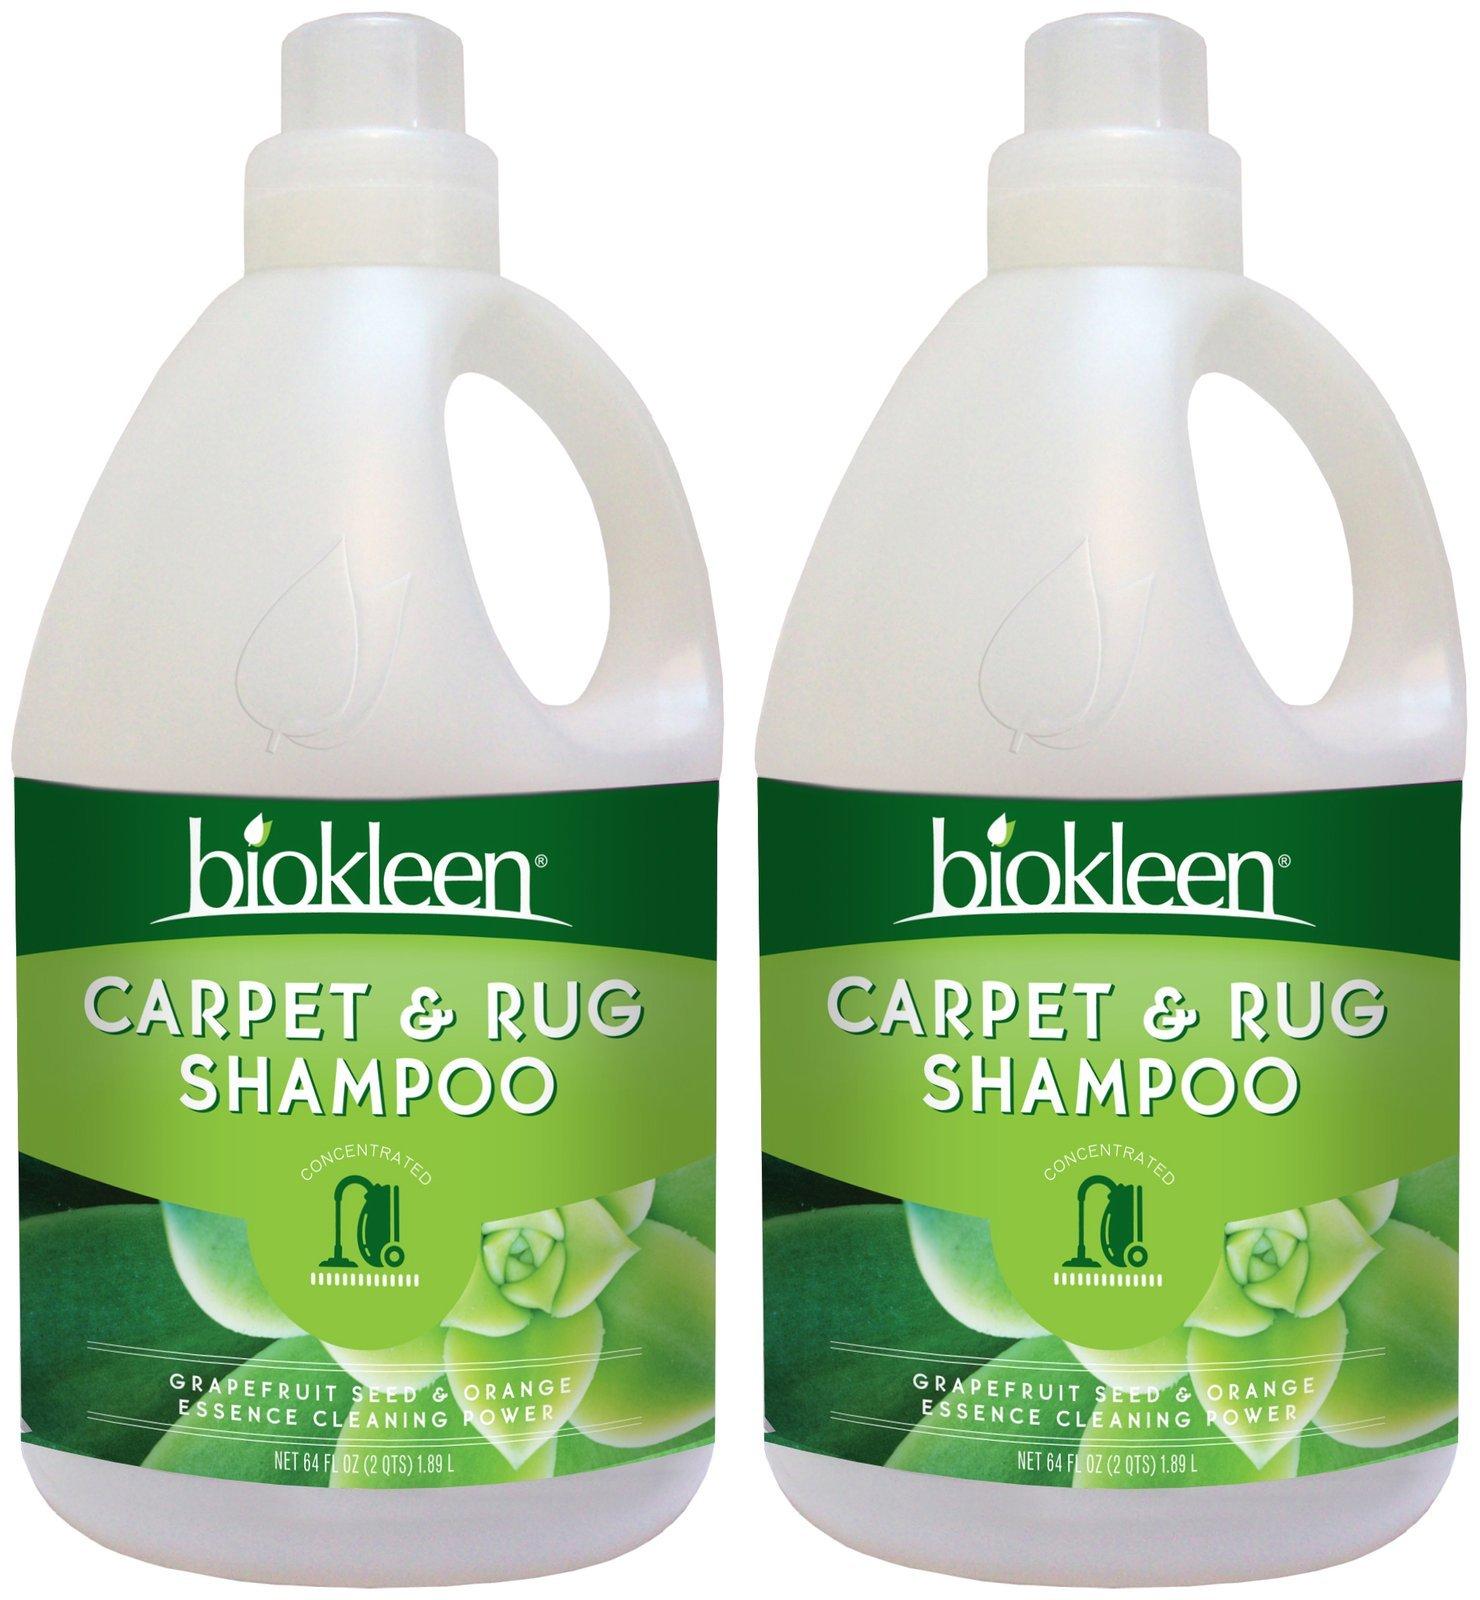 Biokleen Carpet & Rug Shampoo Concentrate, 64 oz-2 pk